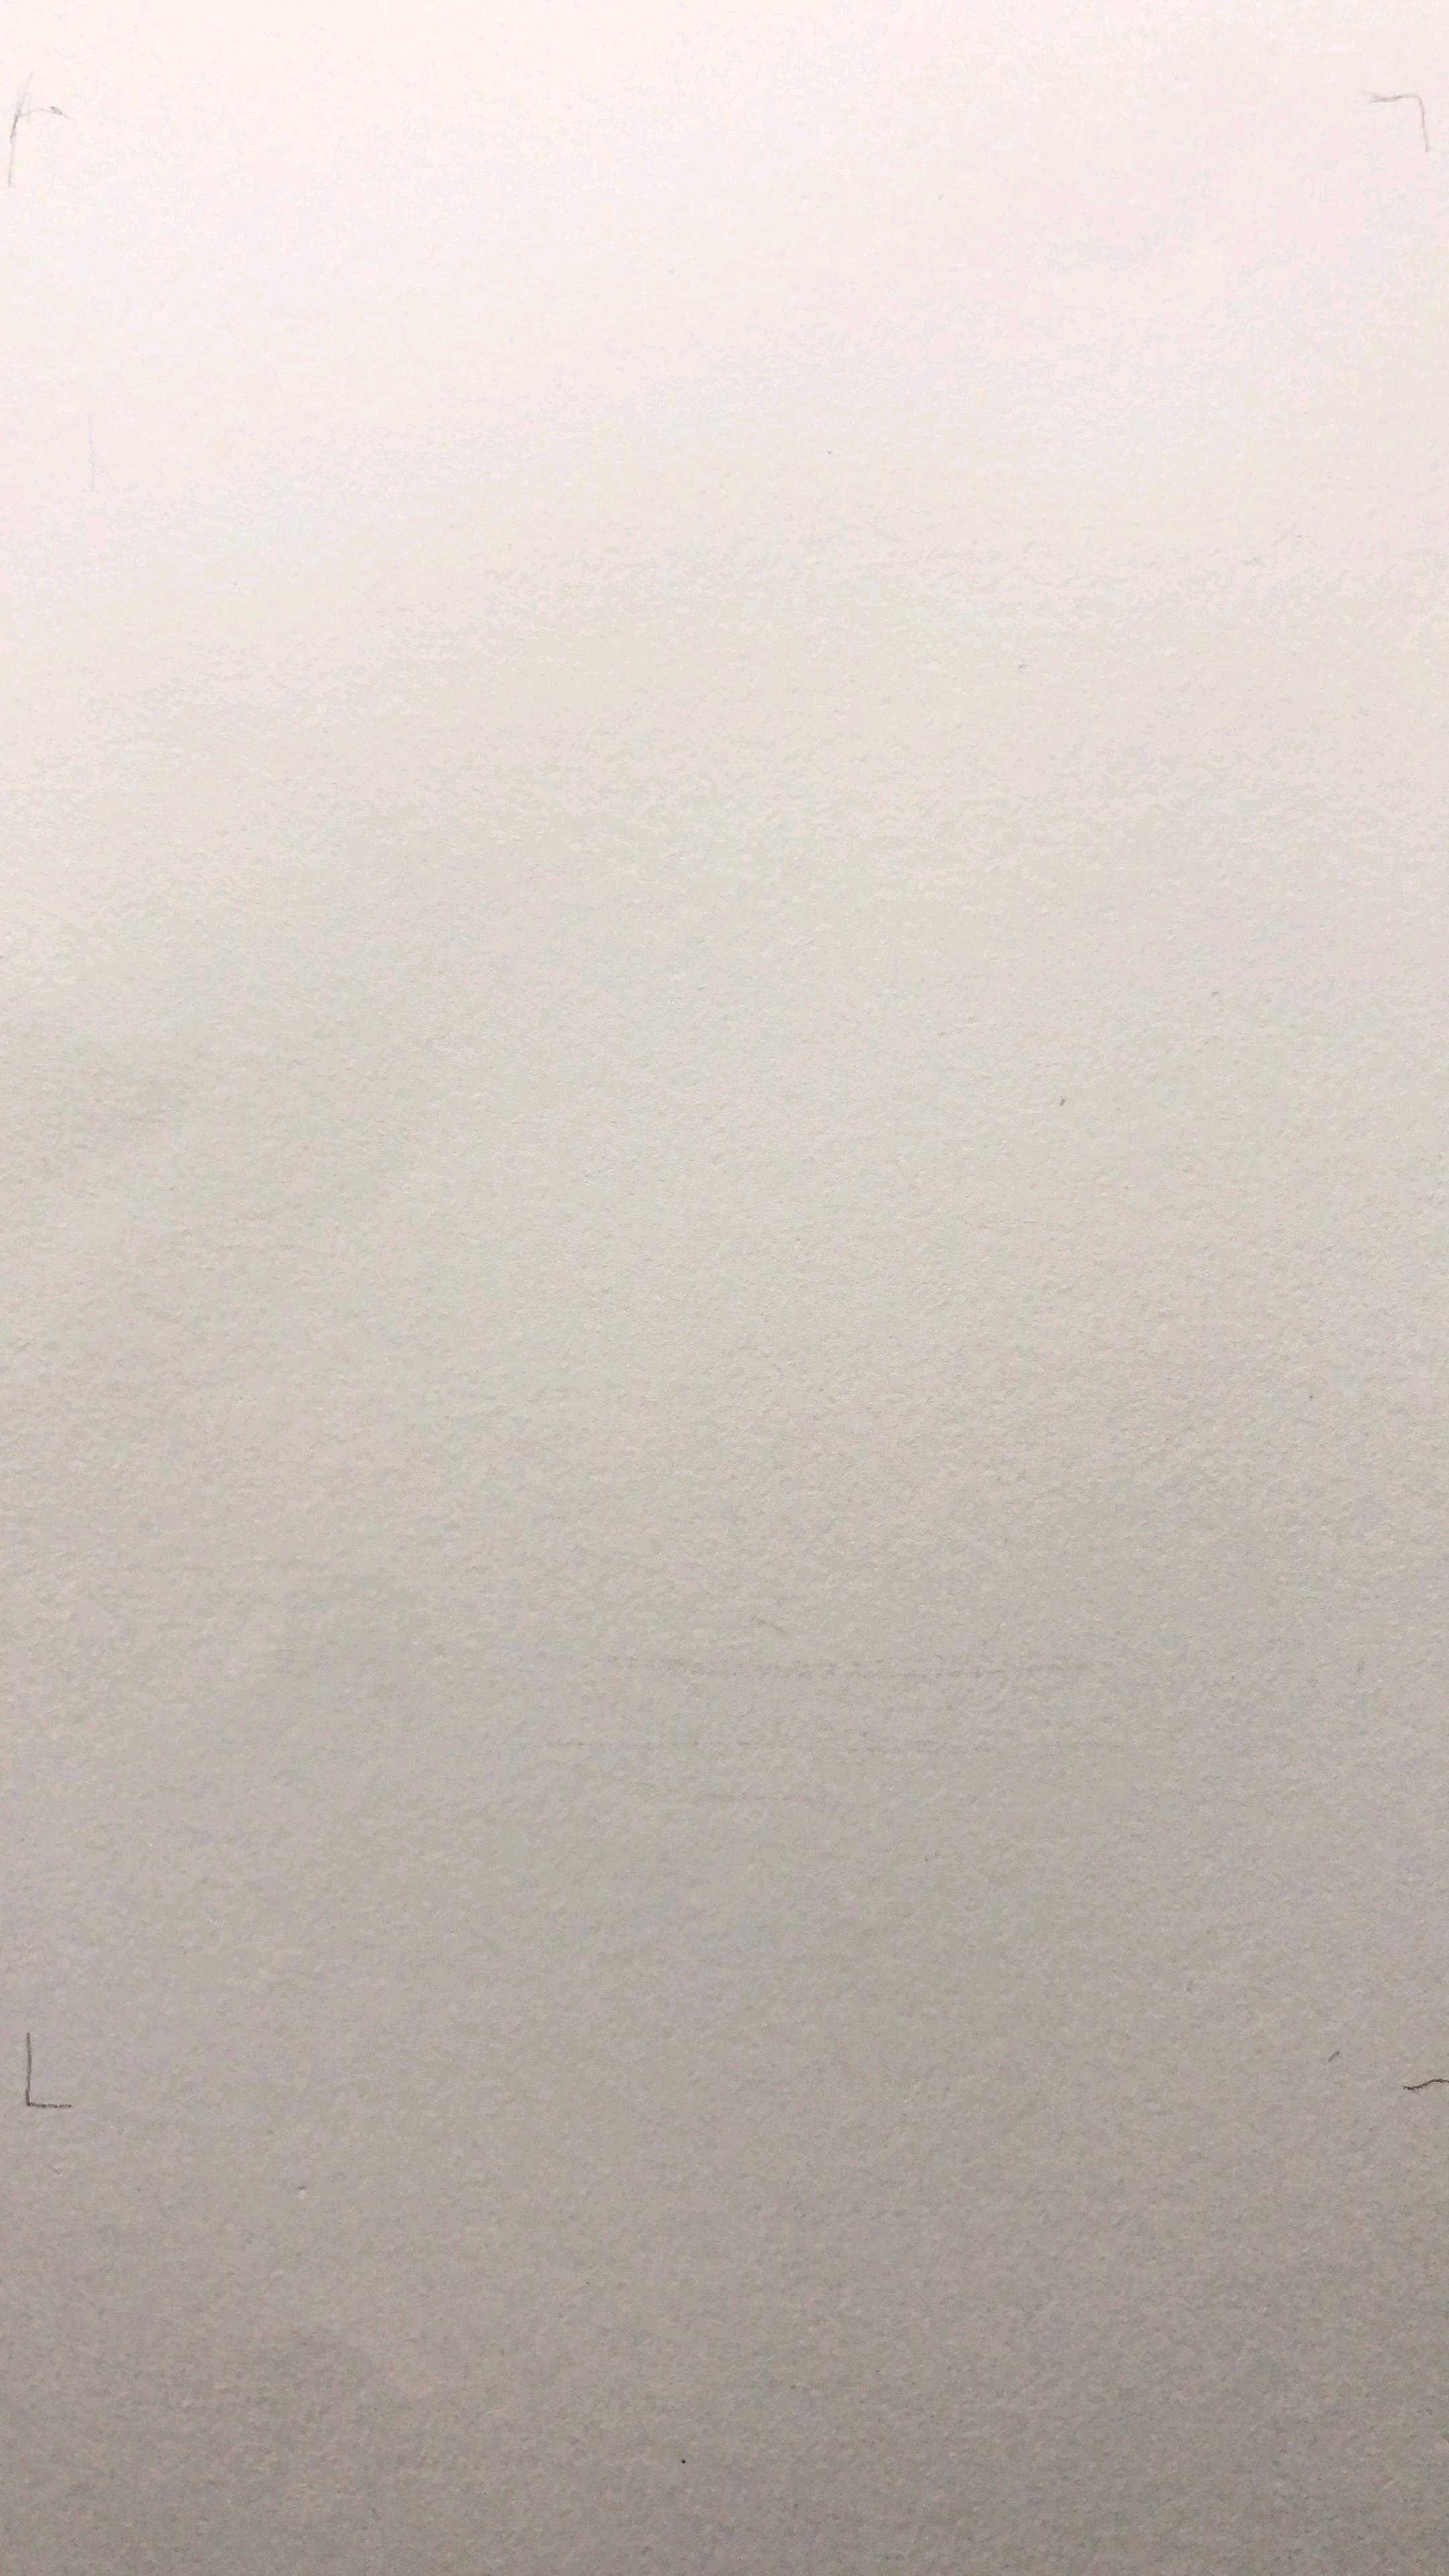 杭州将军画室|素描之鼻子画法,鼻子一直是很难处理的部位之一,不清楚的同学看视频了解!